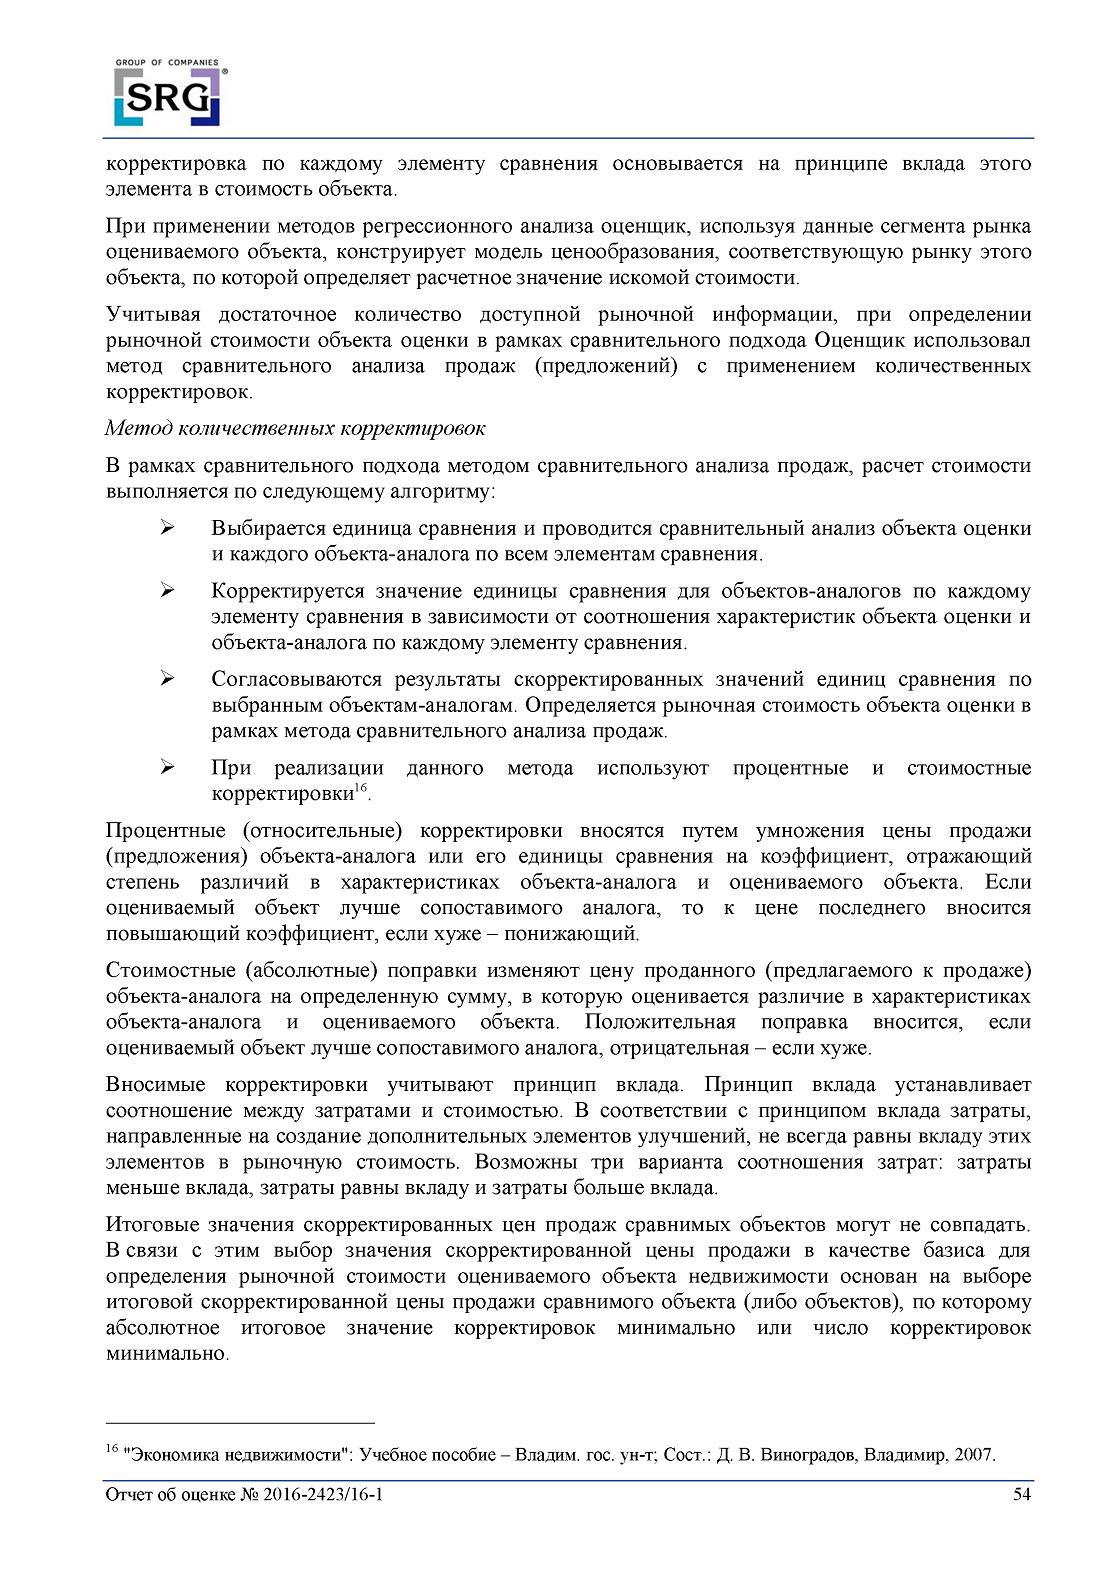 отчет об оценке предложений